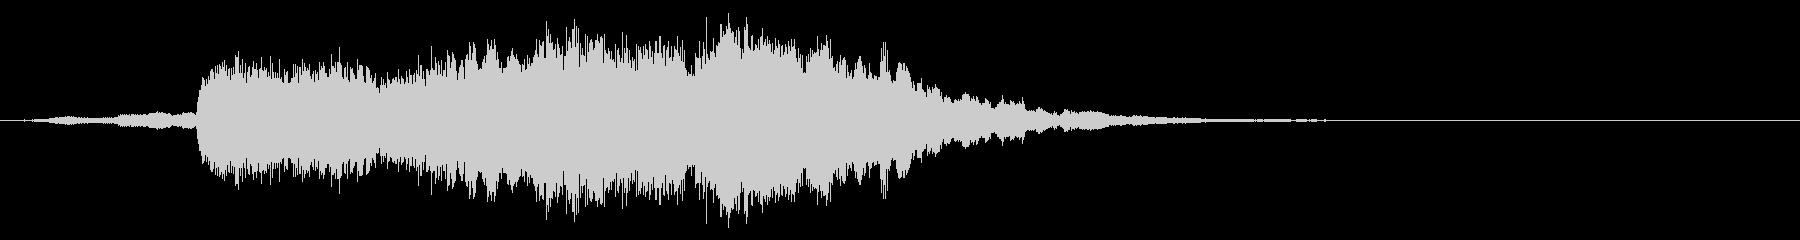 アンビエントなジングル、サウンドロゴの未再生の波形